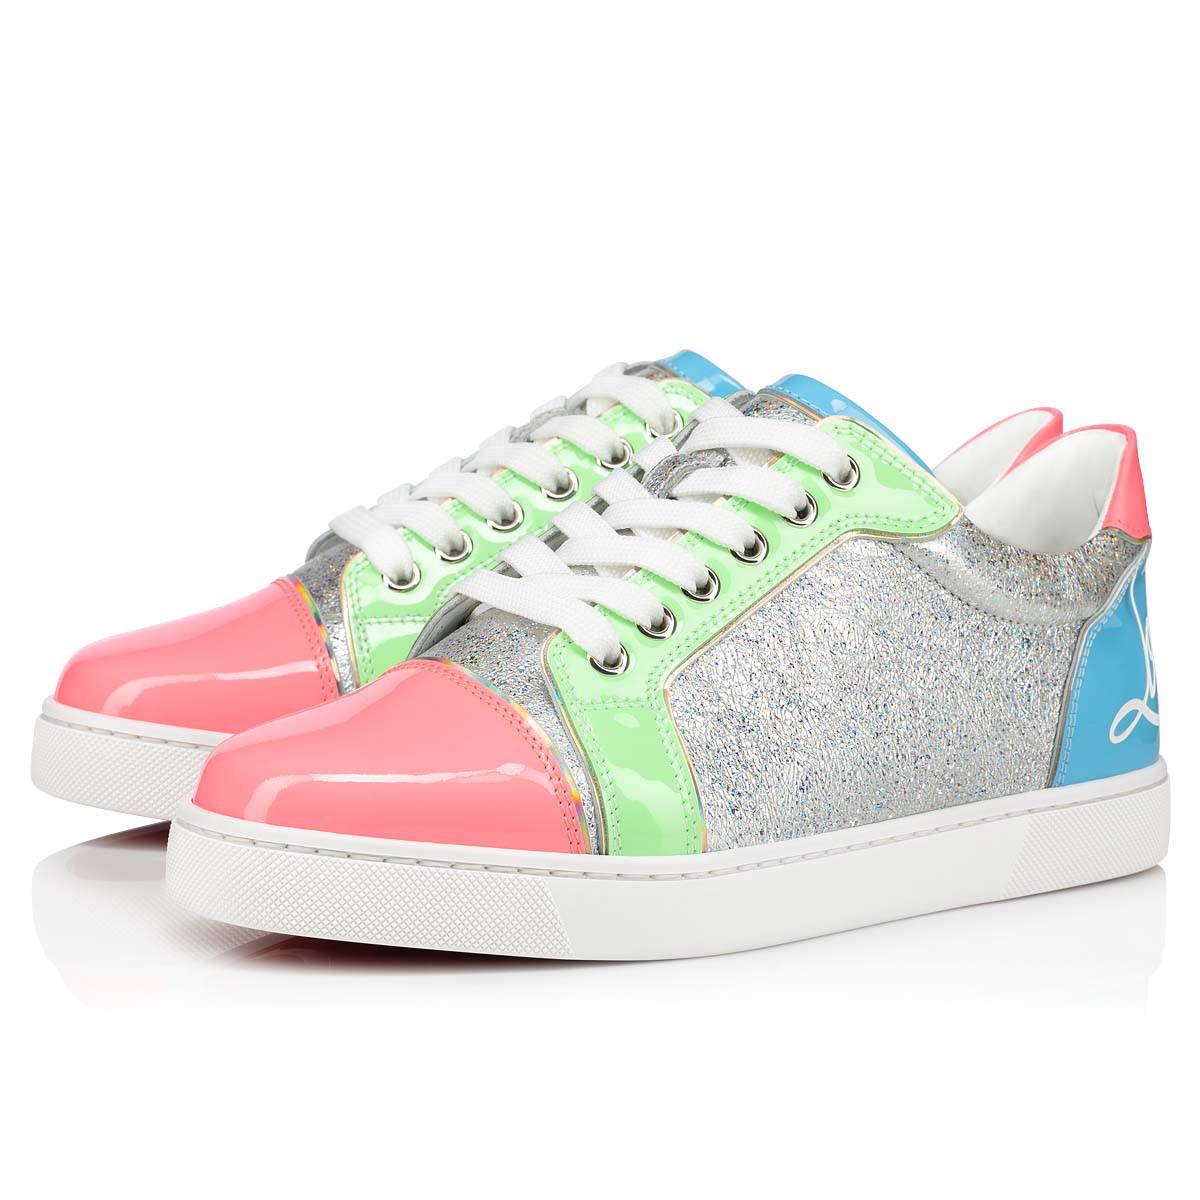 Shoes - Fun Vieira Flat - Christian Louboutin